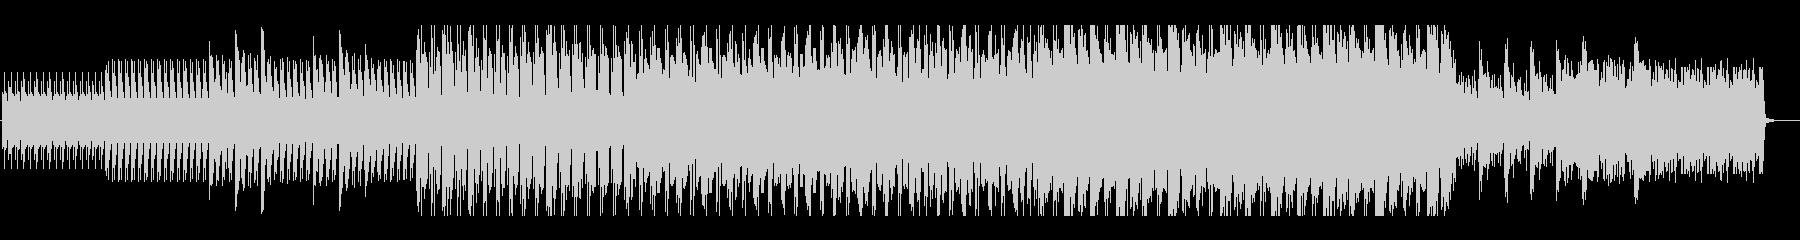 6台のピアノによる幻想的なミニマルの未再生の波形